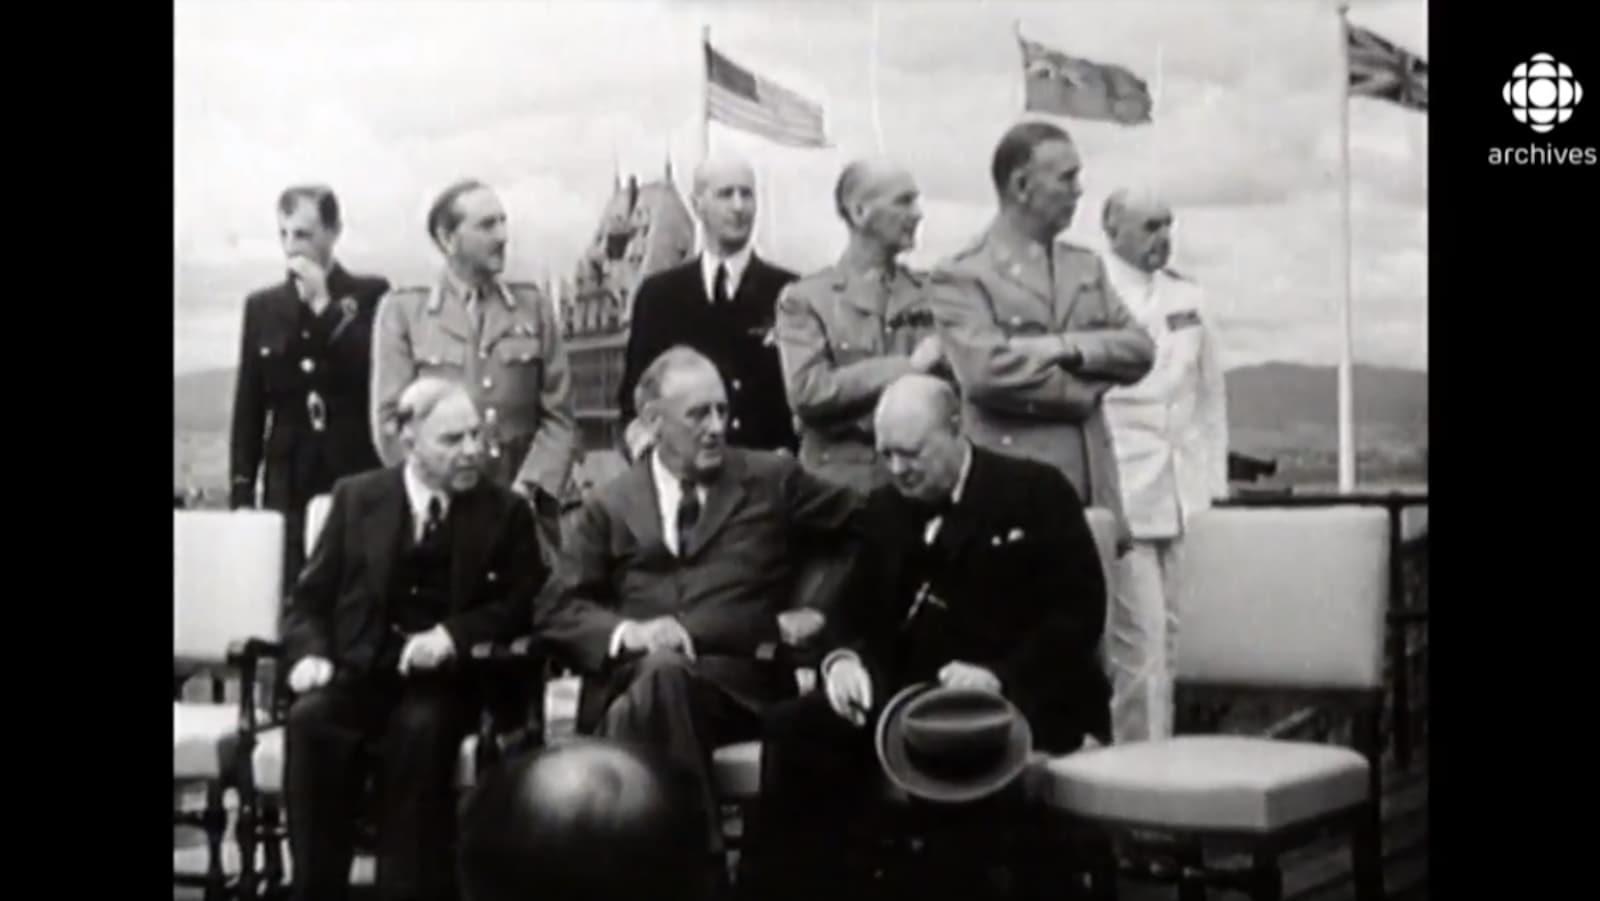 Le premier ministre canadien Mackenzie King, le premier ministre britannique Winston Churchill et le président américain Franklin D. Roosevelt sont assis devant le Château Frontenac avec des généraux debout derrière eux.